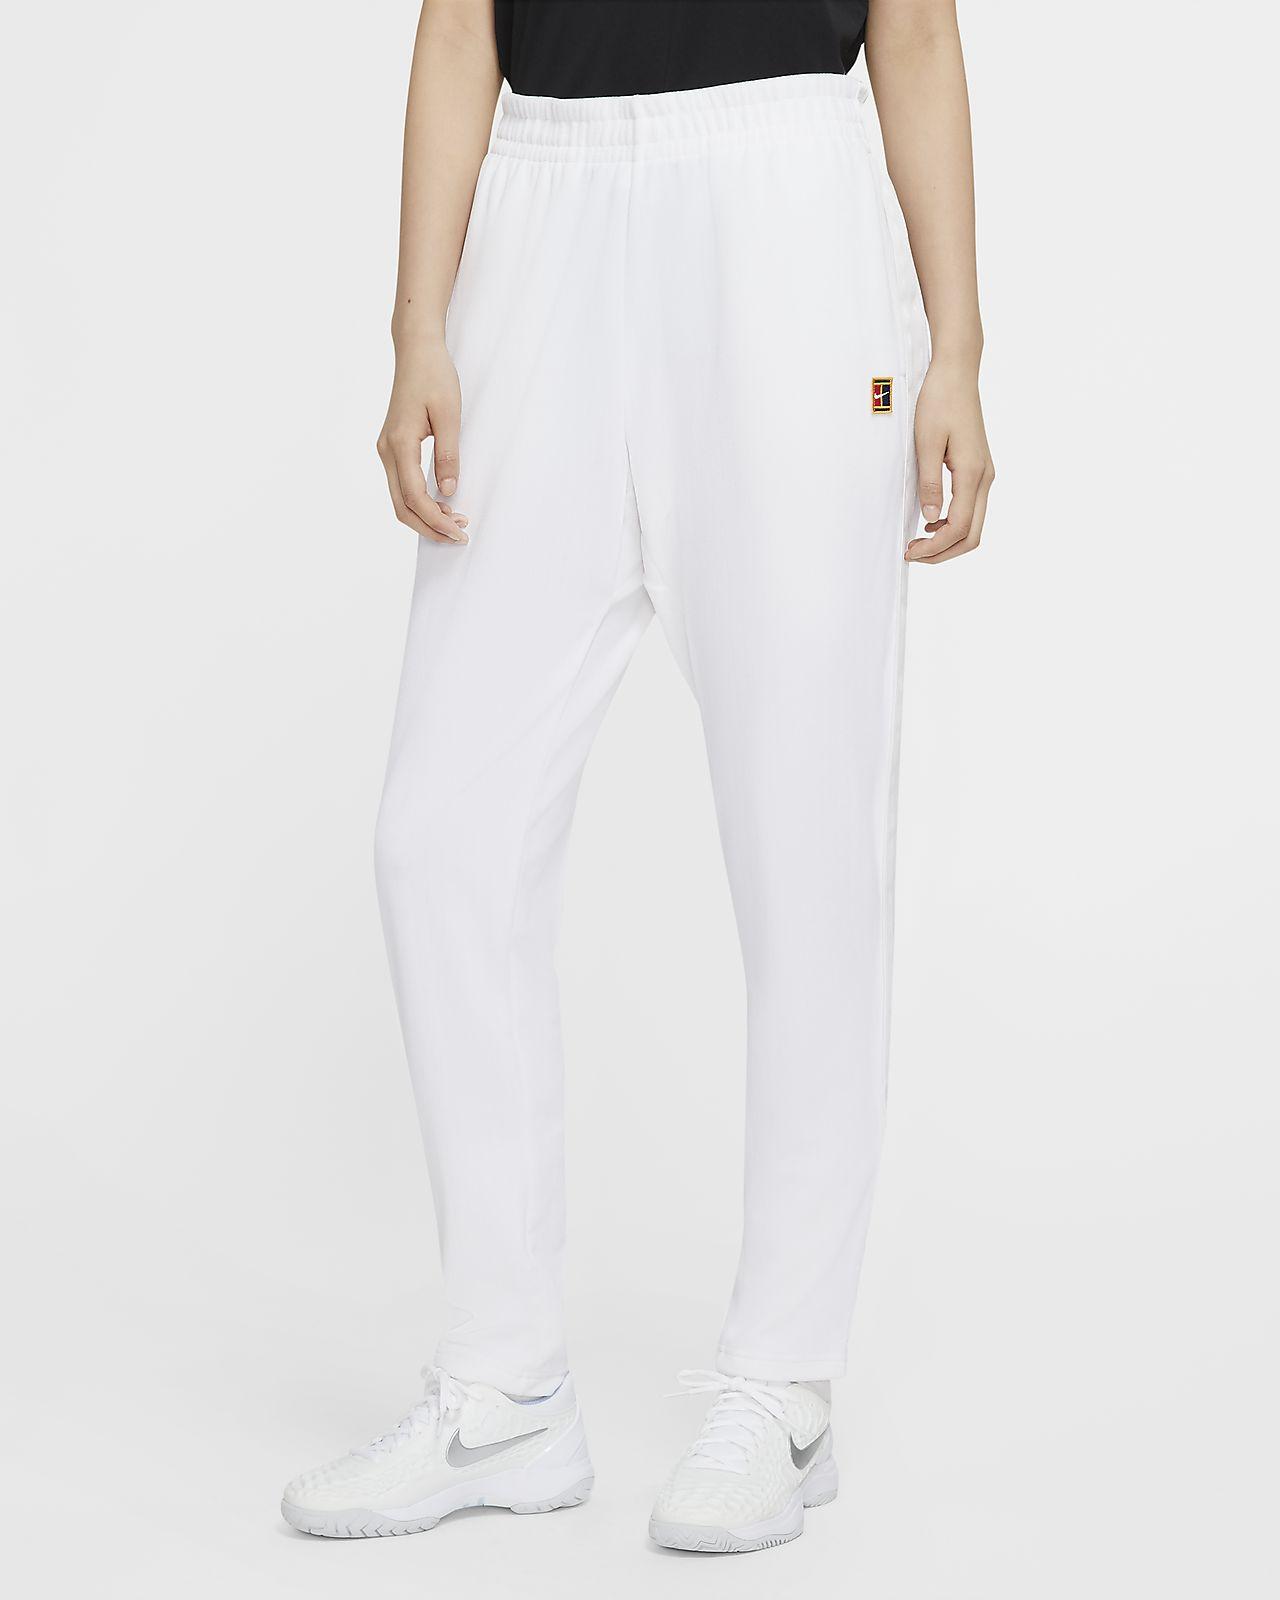 NikeCourt Tennis Trousers